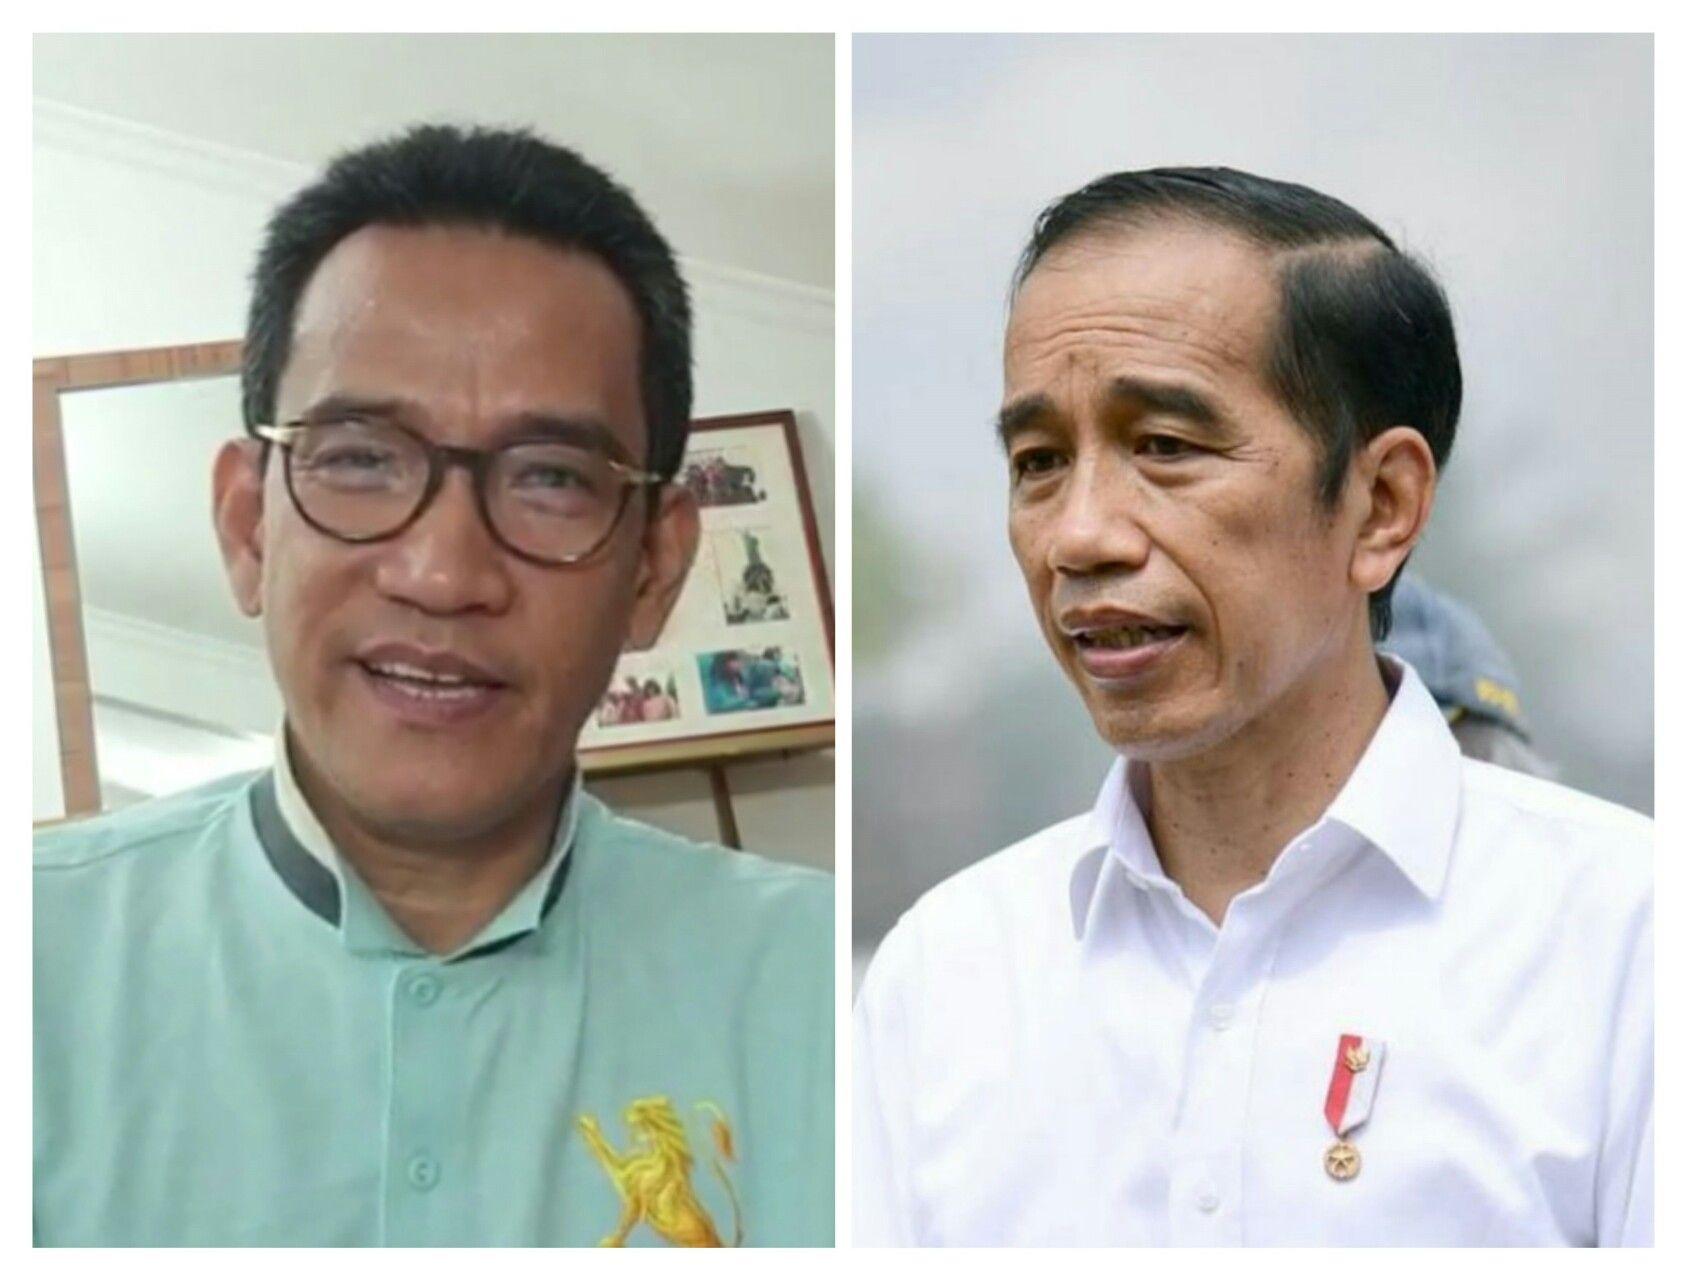 Refly Harun Sebut Cukup 3 Suara Anggota DPD untuk Jadikan Jokowi 3 Periode, Begini Penjelasannya